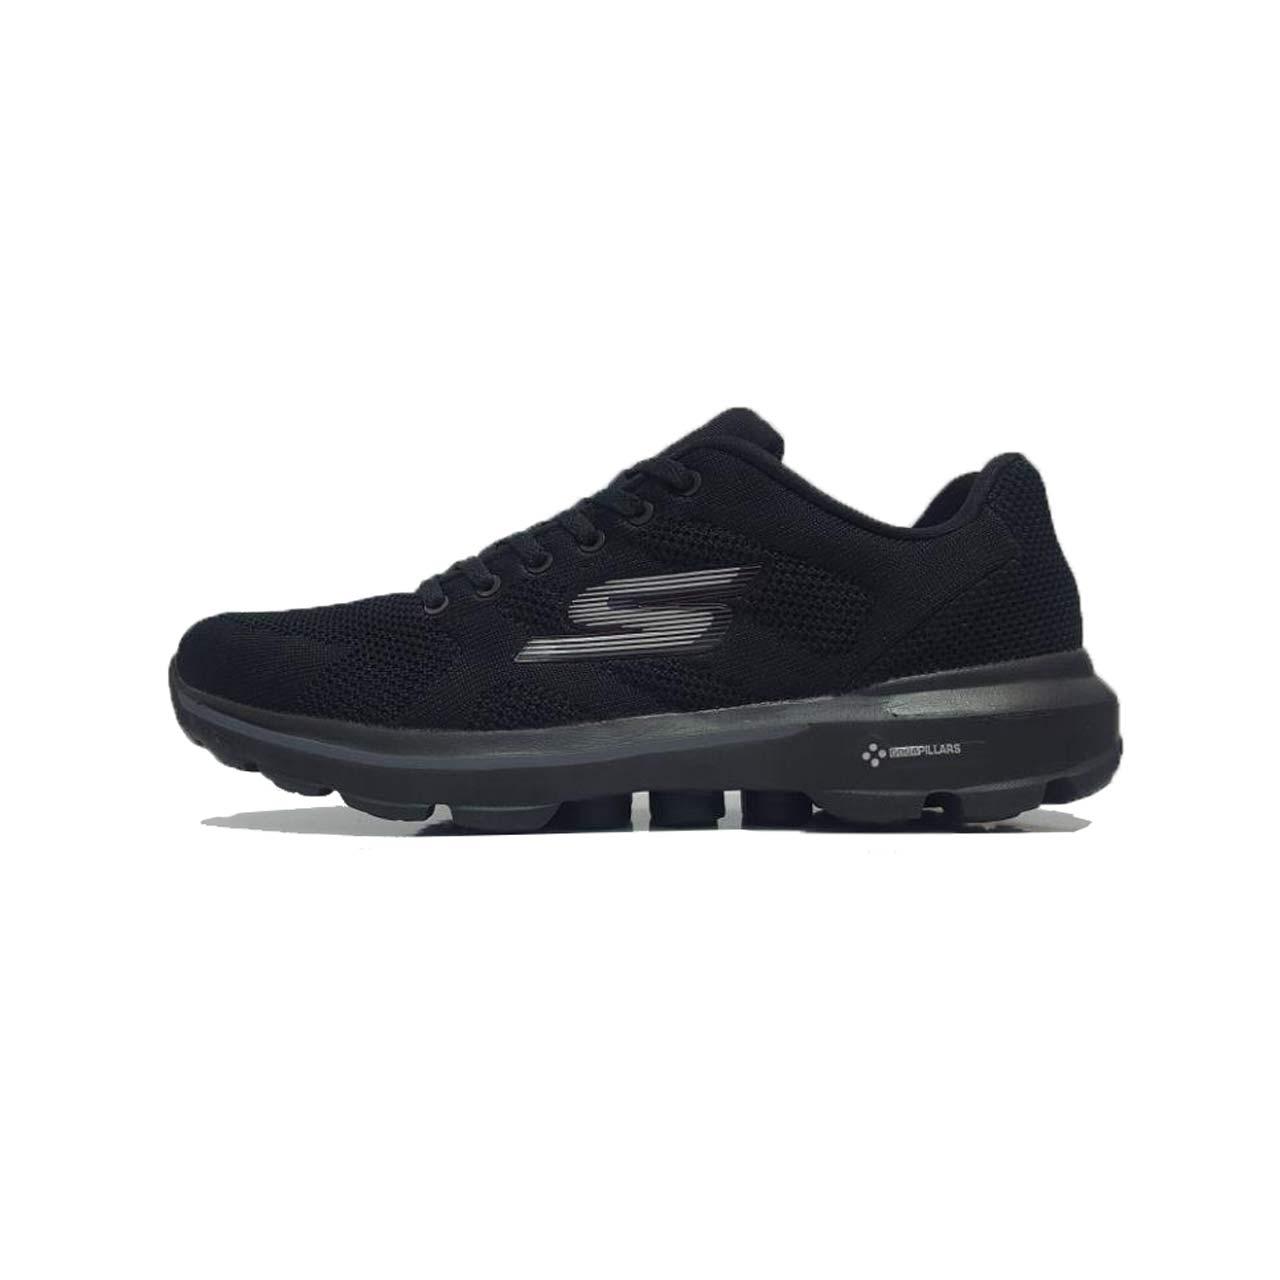 قیمت کفش مخصوص پیاده روی مردانه اسکچرز مدل GO WALK 3 PILARS-BLAK